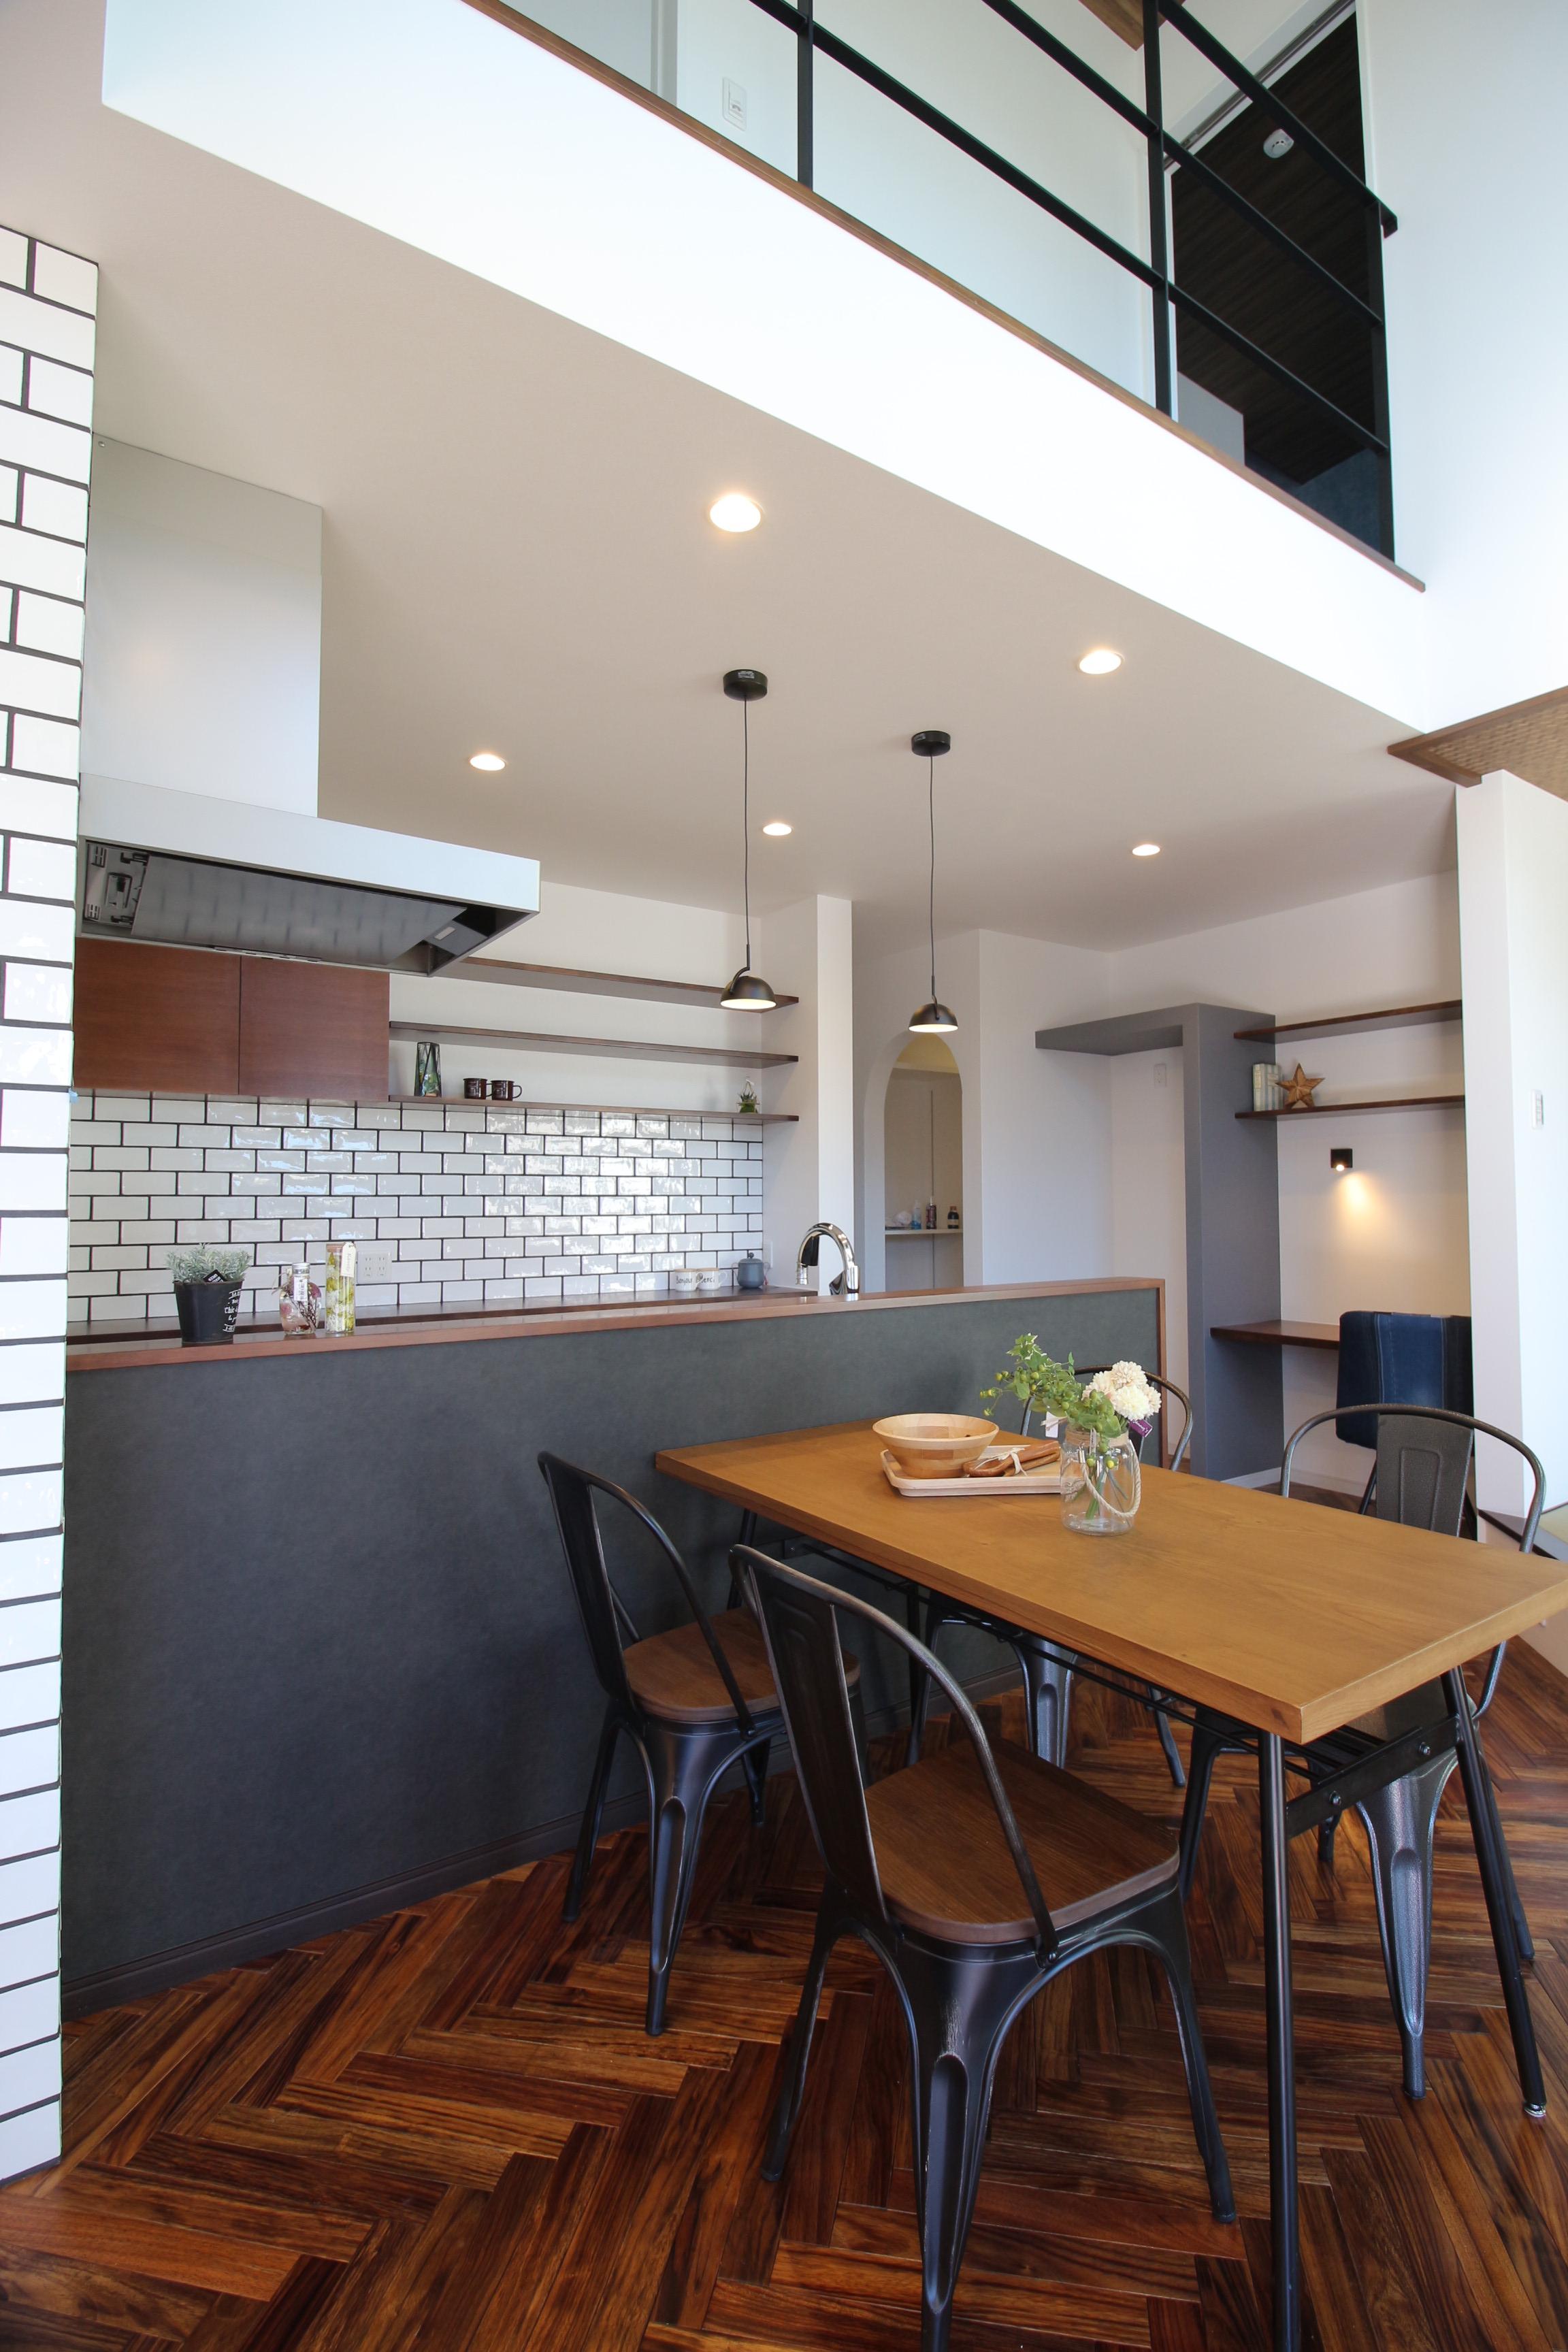 タイルやオリジナルの造作棚を採用したキッチンは、奥様が使いやすい動線に